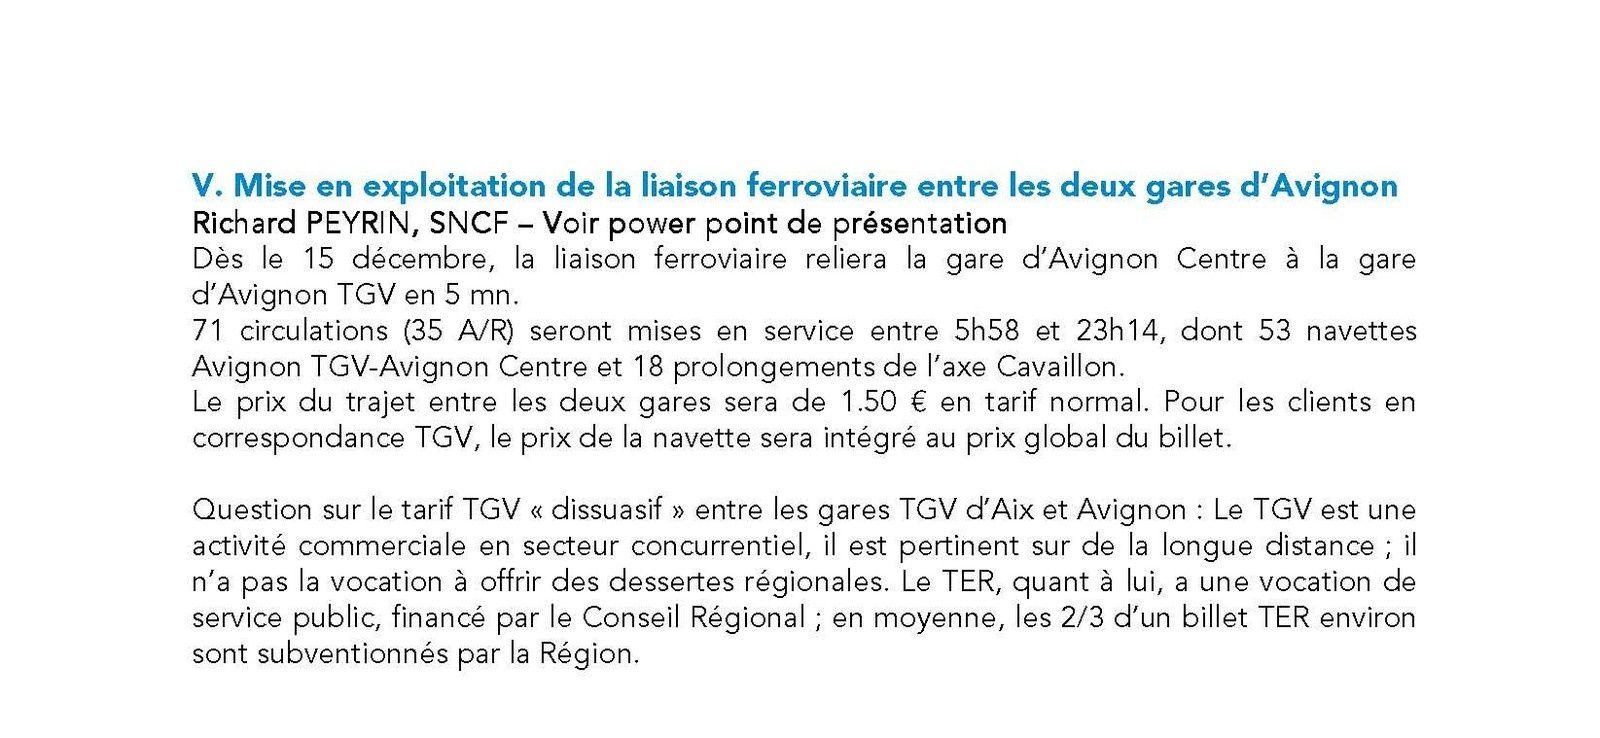 Cr RENCONTRE SNCF - ASSOCIATIONS USAGERS ET CONSOMMATEURS